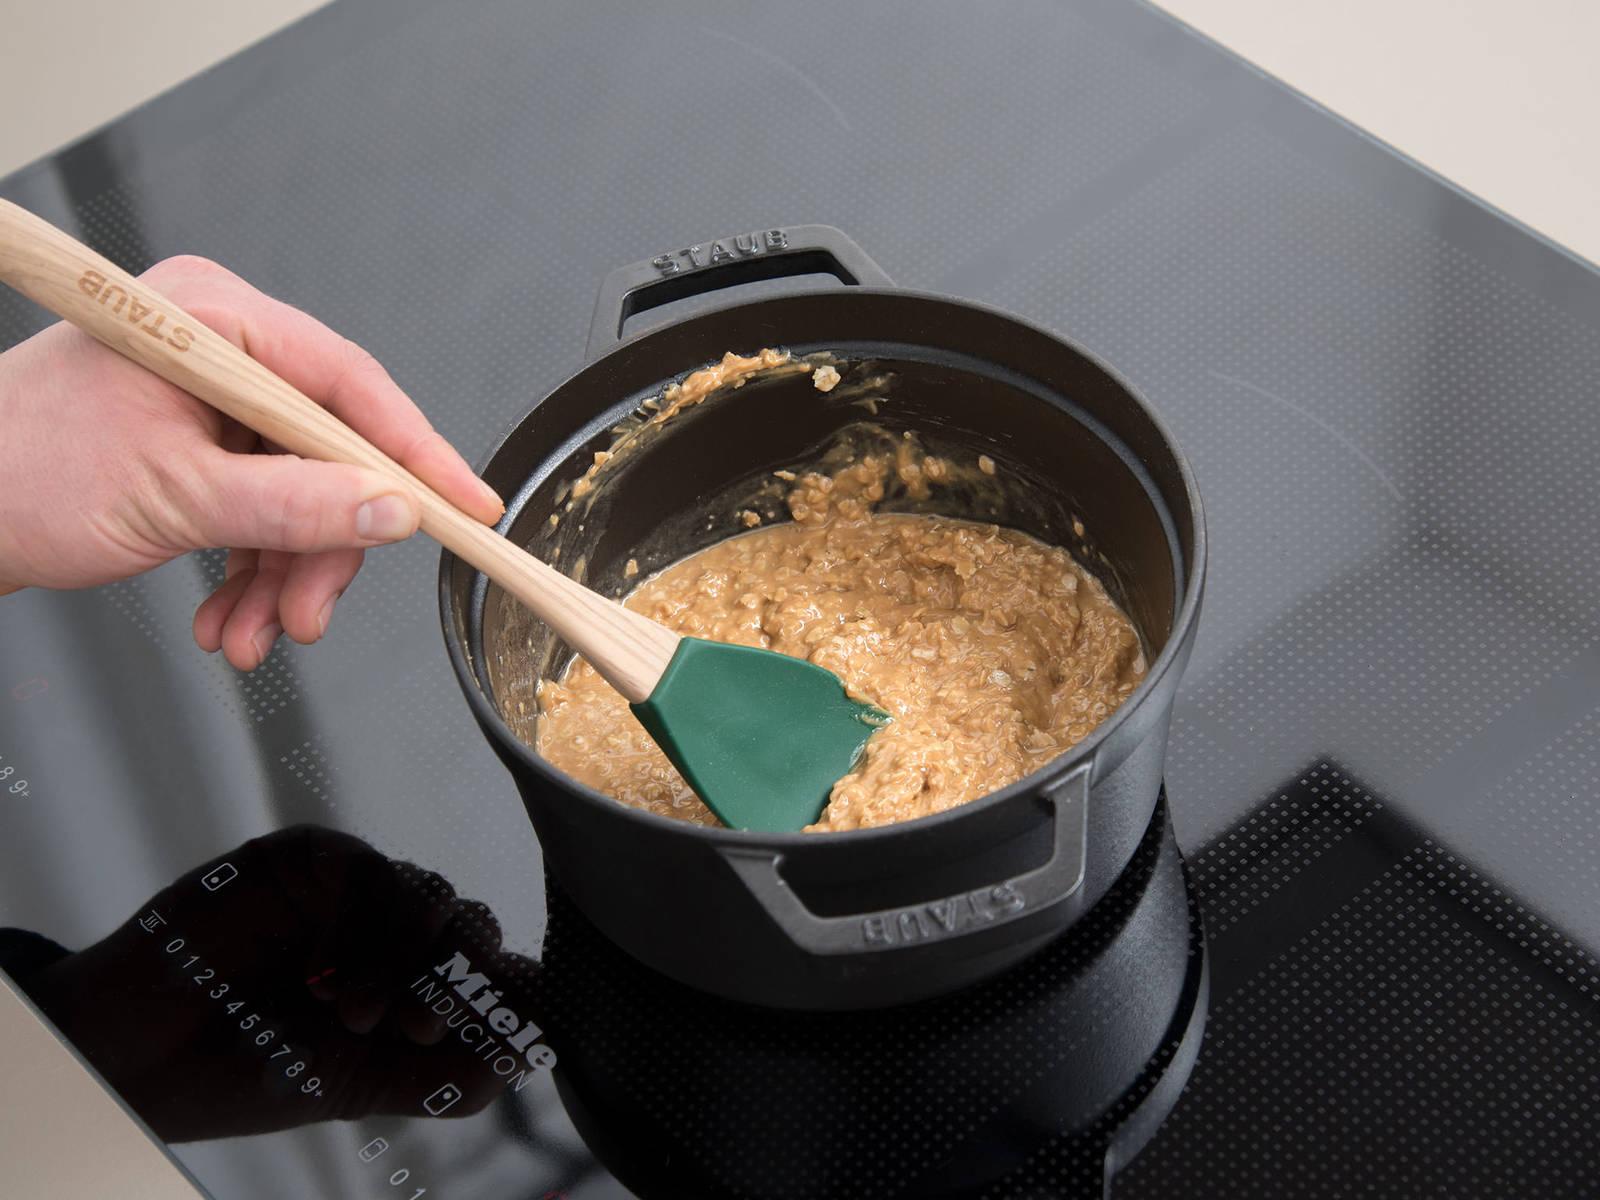 Erdnussbutter, Ahornsirup und Haferflocken in einer Schüssel mit einem Gummispatel vermengen. Kokosöl in einem kleinen Topf schmelzen, die Erdnussbutter-Mischung dazugeben und ca. 1 Min. köcheln.